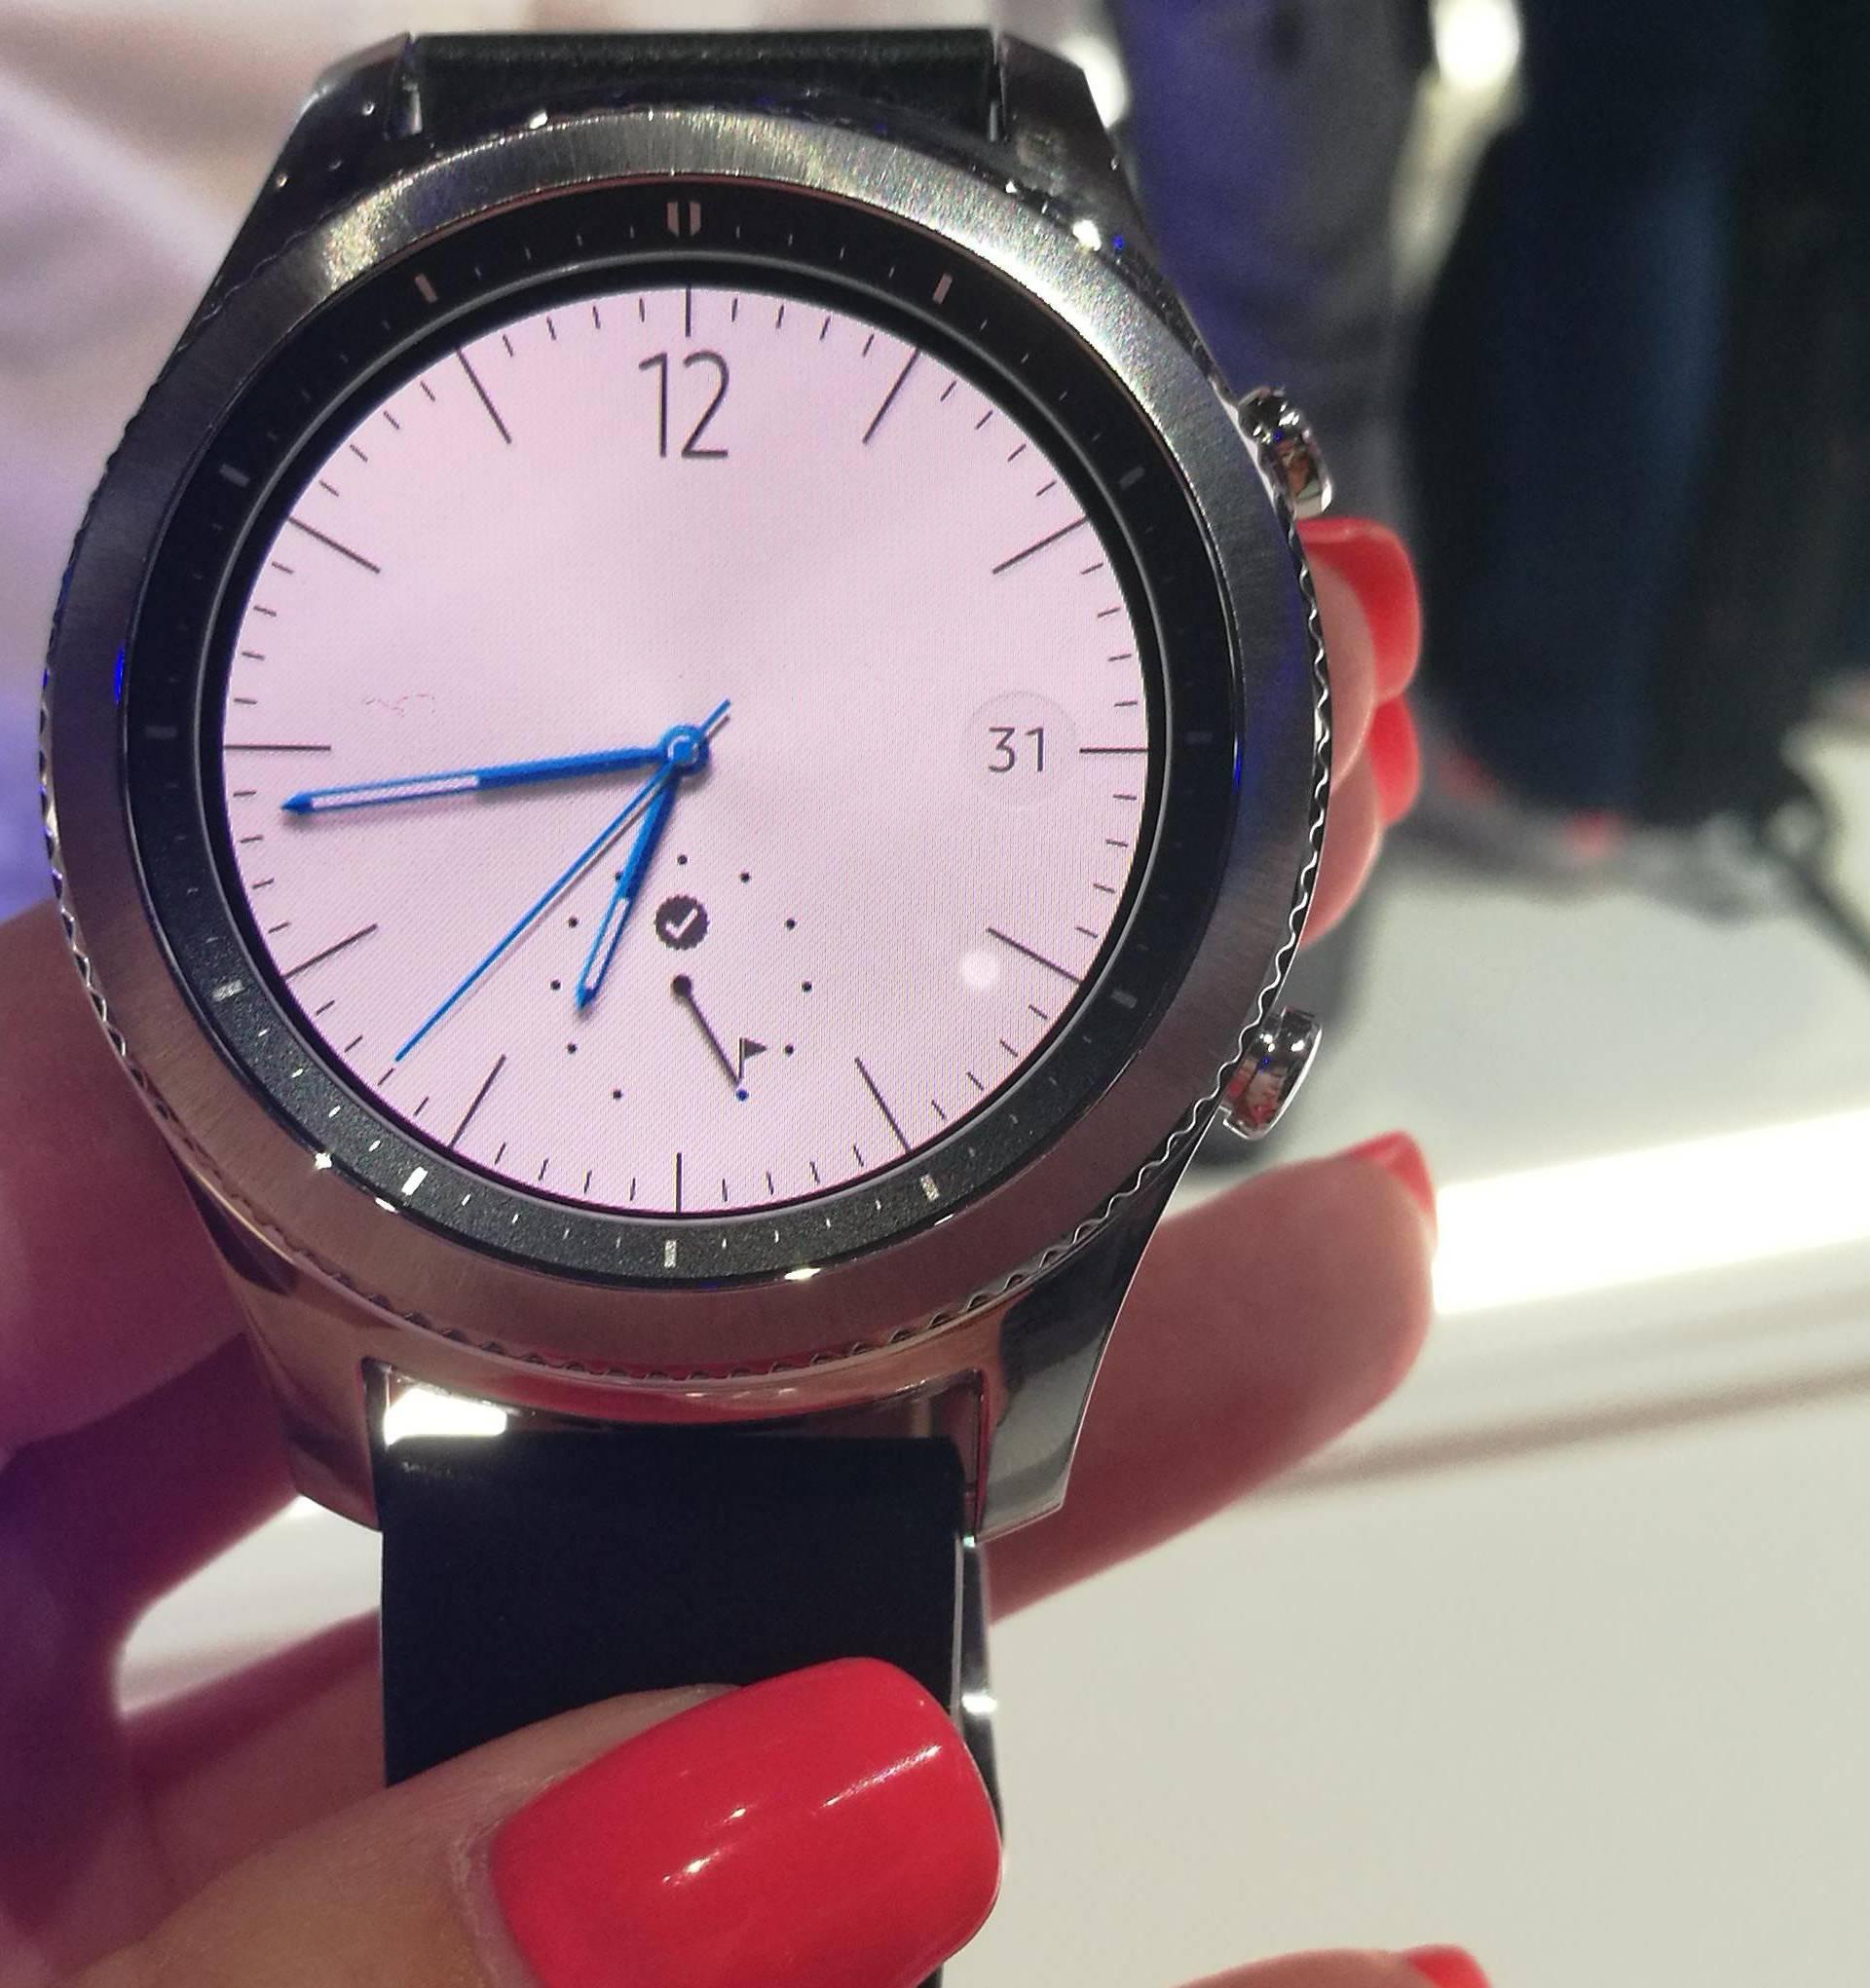 Samsungov Gear S3 s jačom baterijom stiže u dvije verzije